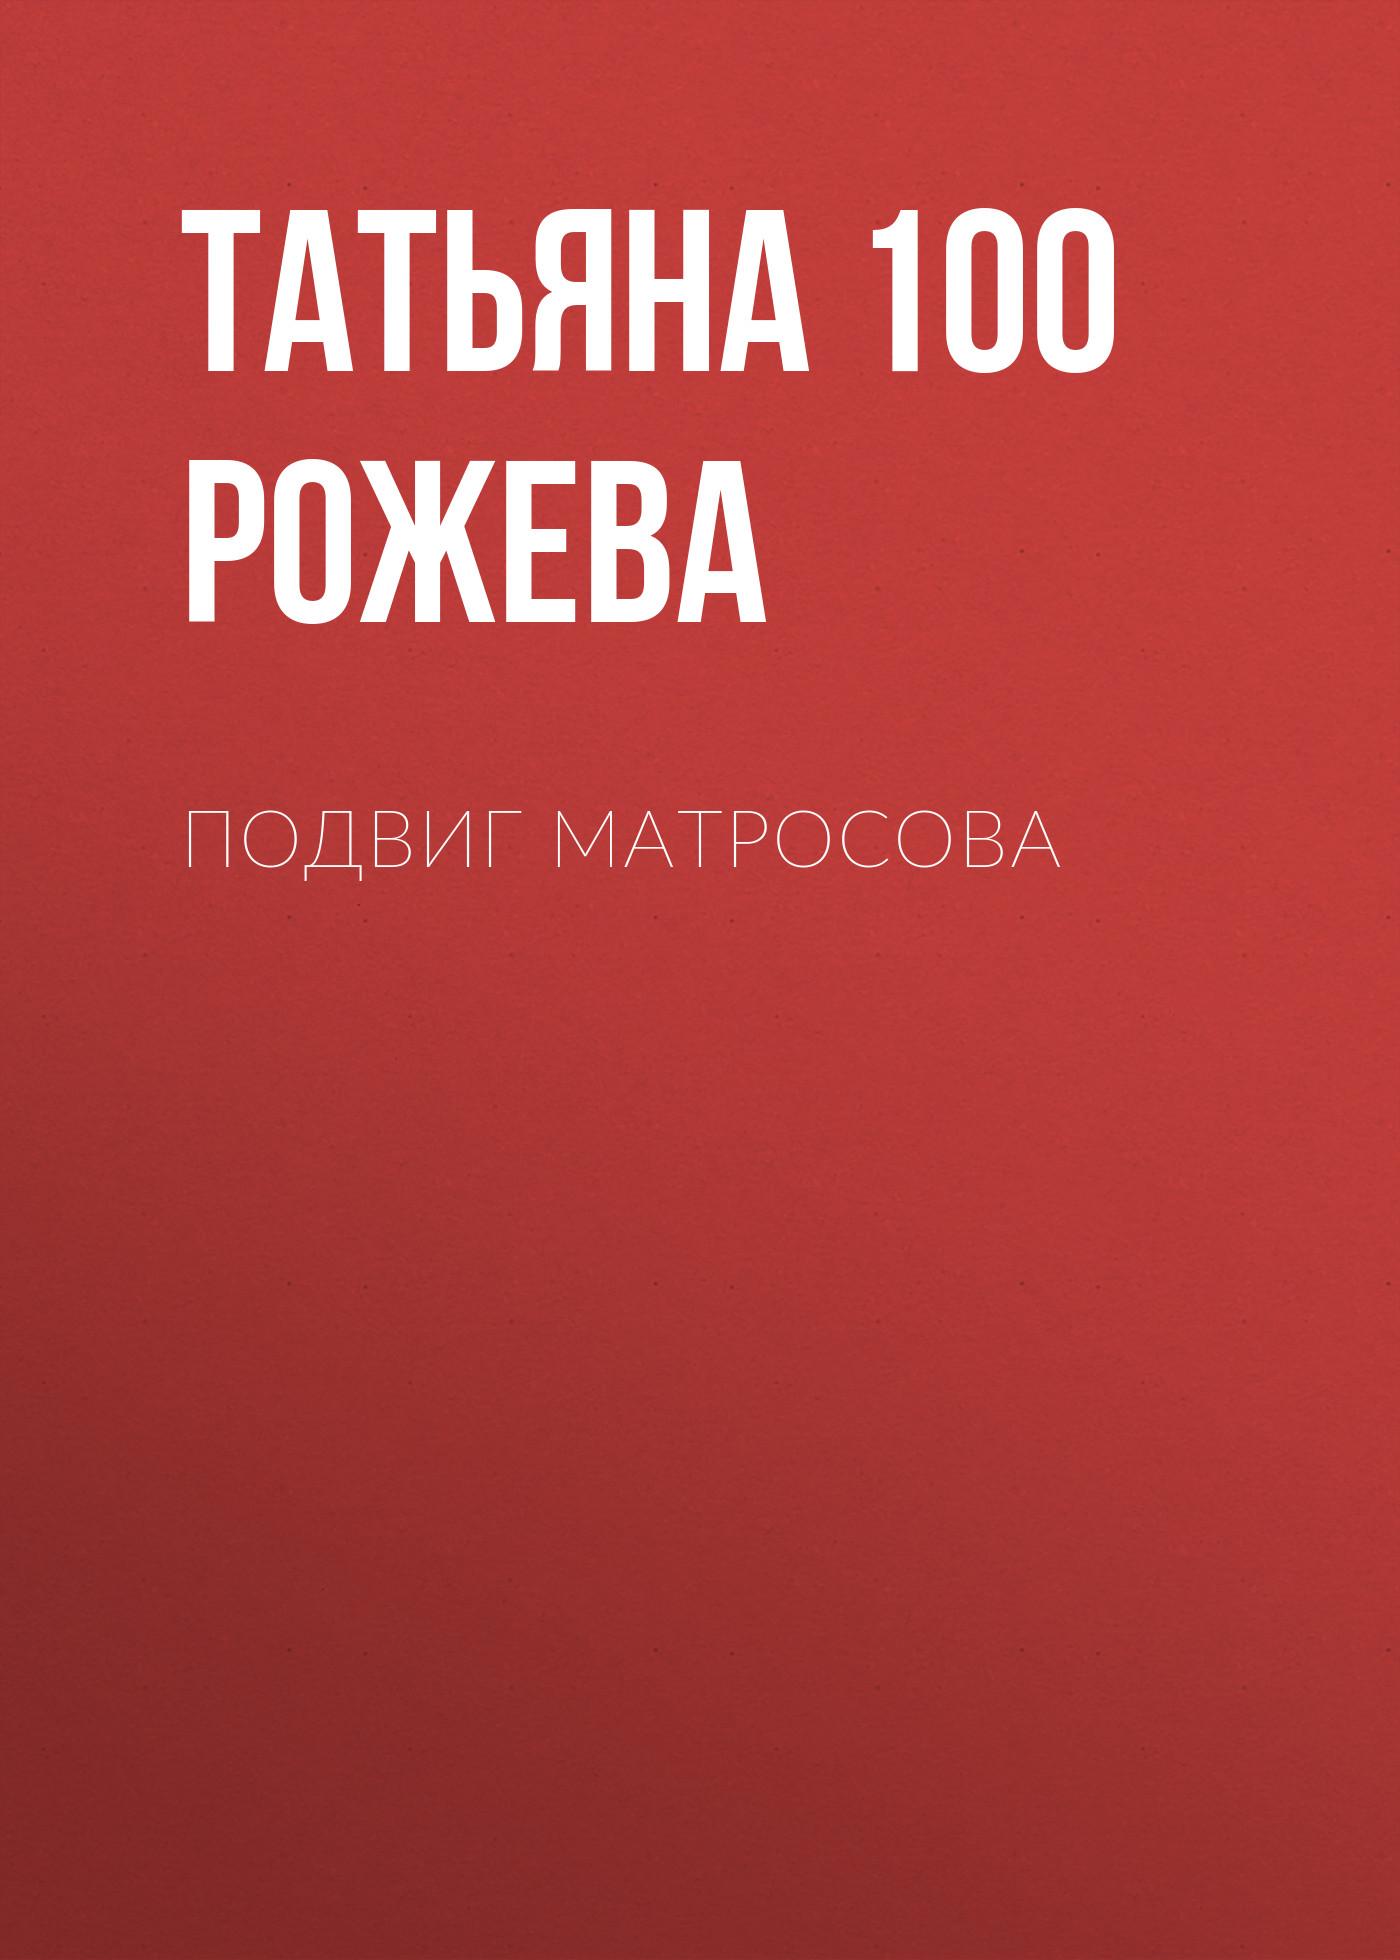 Татьяна 100 Рожева Подвиг Матросова цена 2017